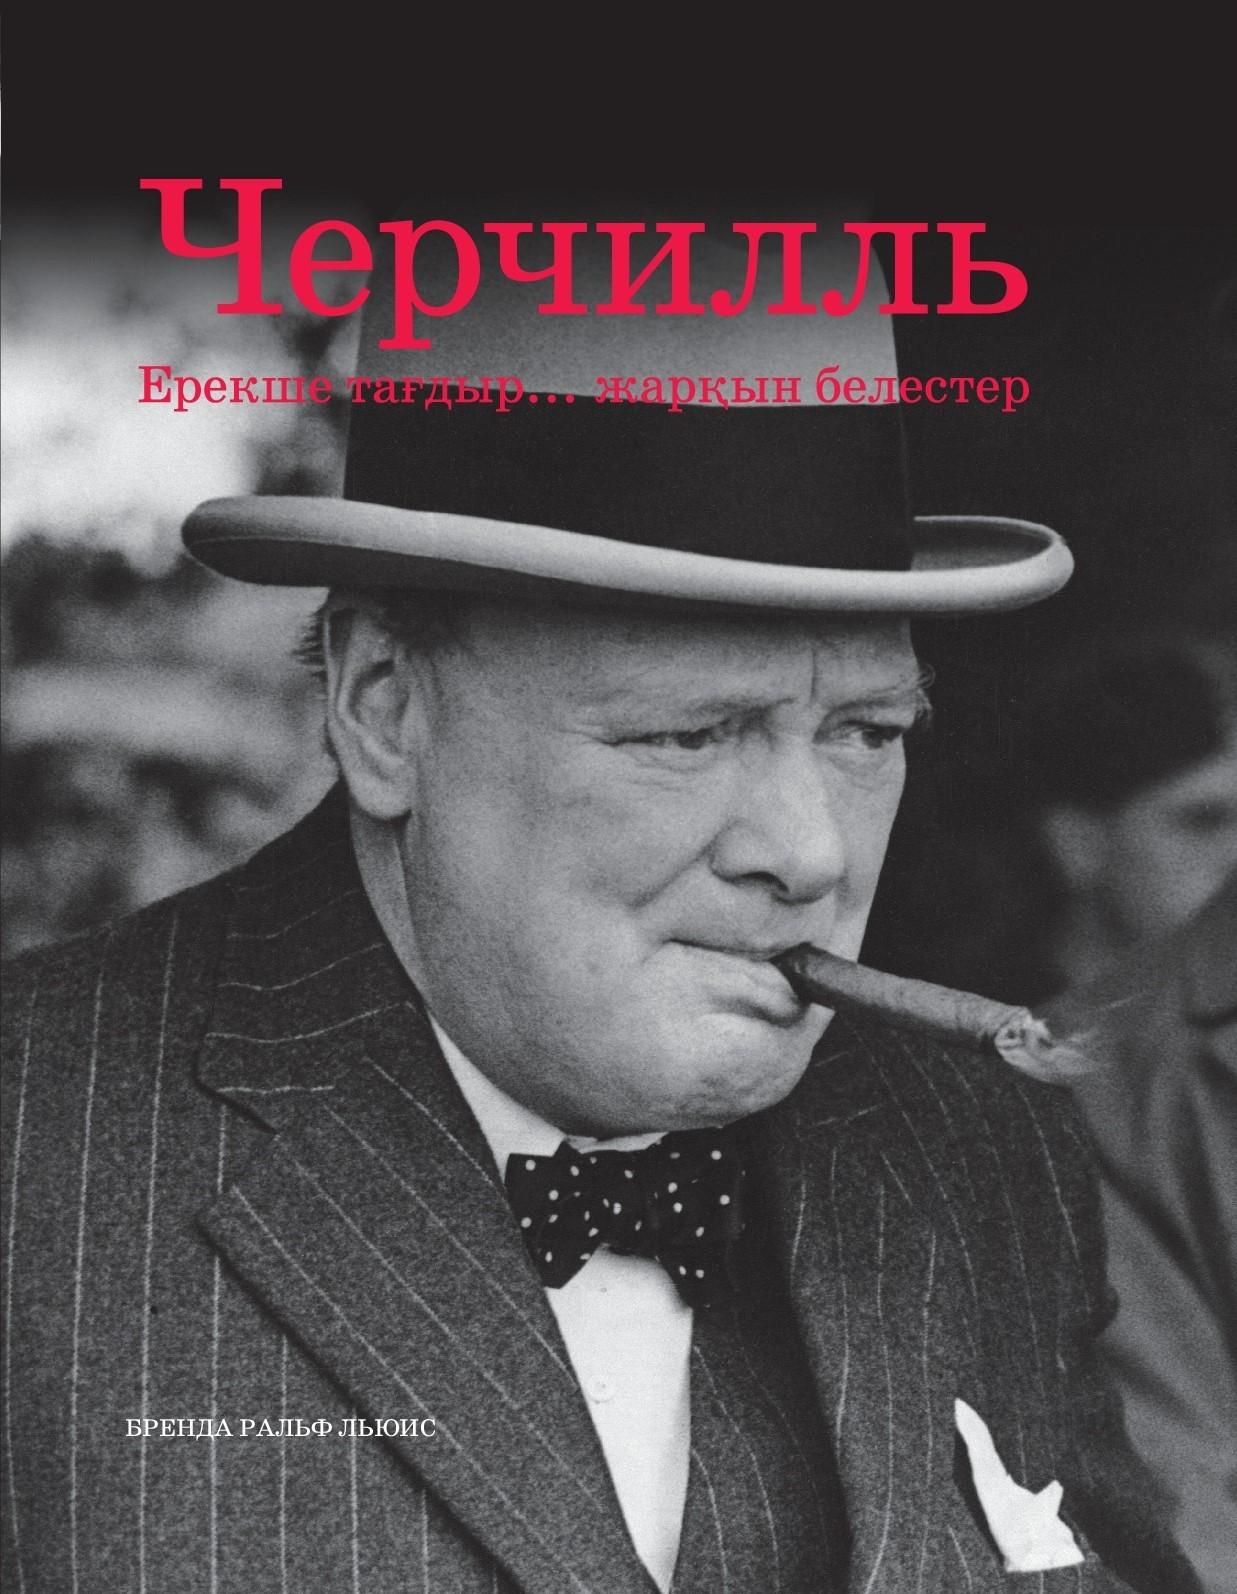 Черчилль. (каз.)